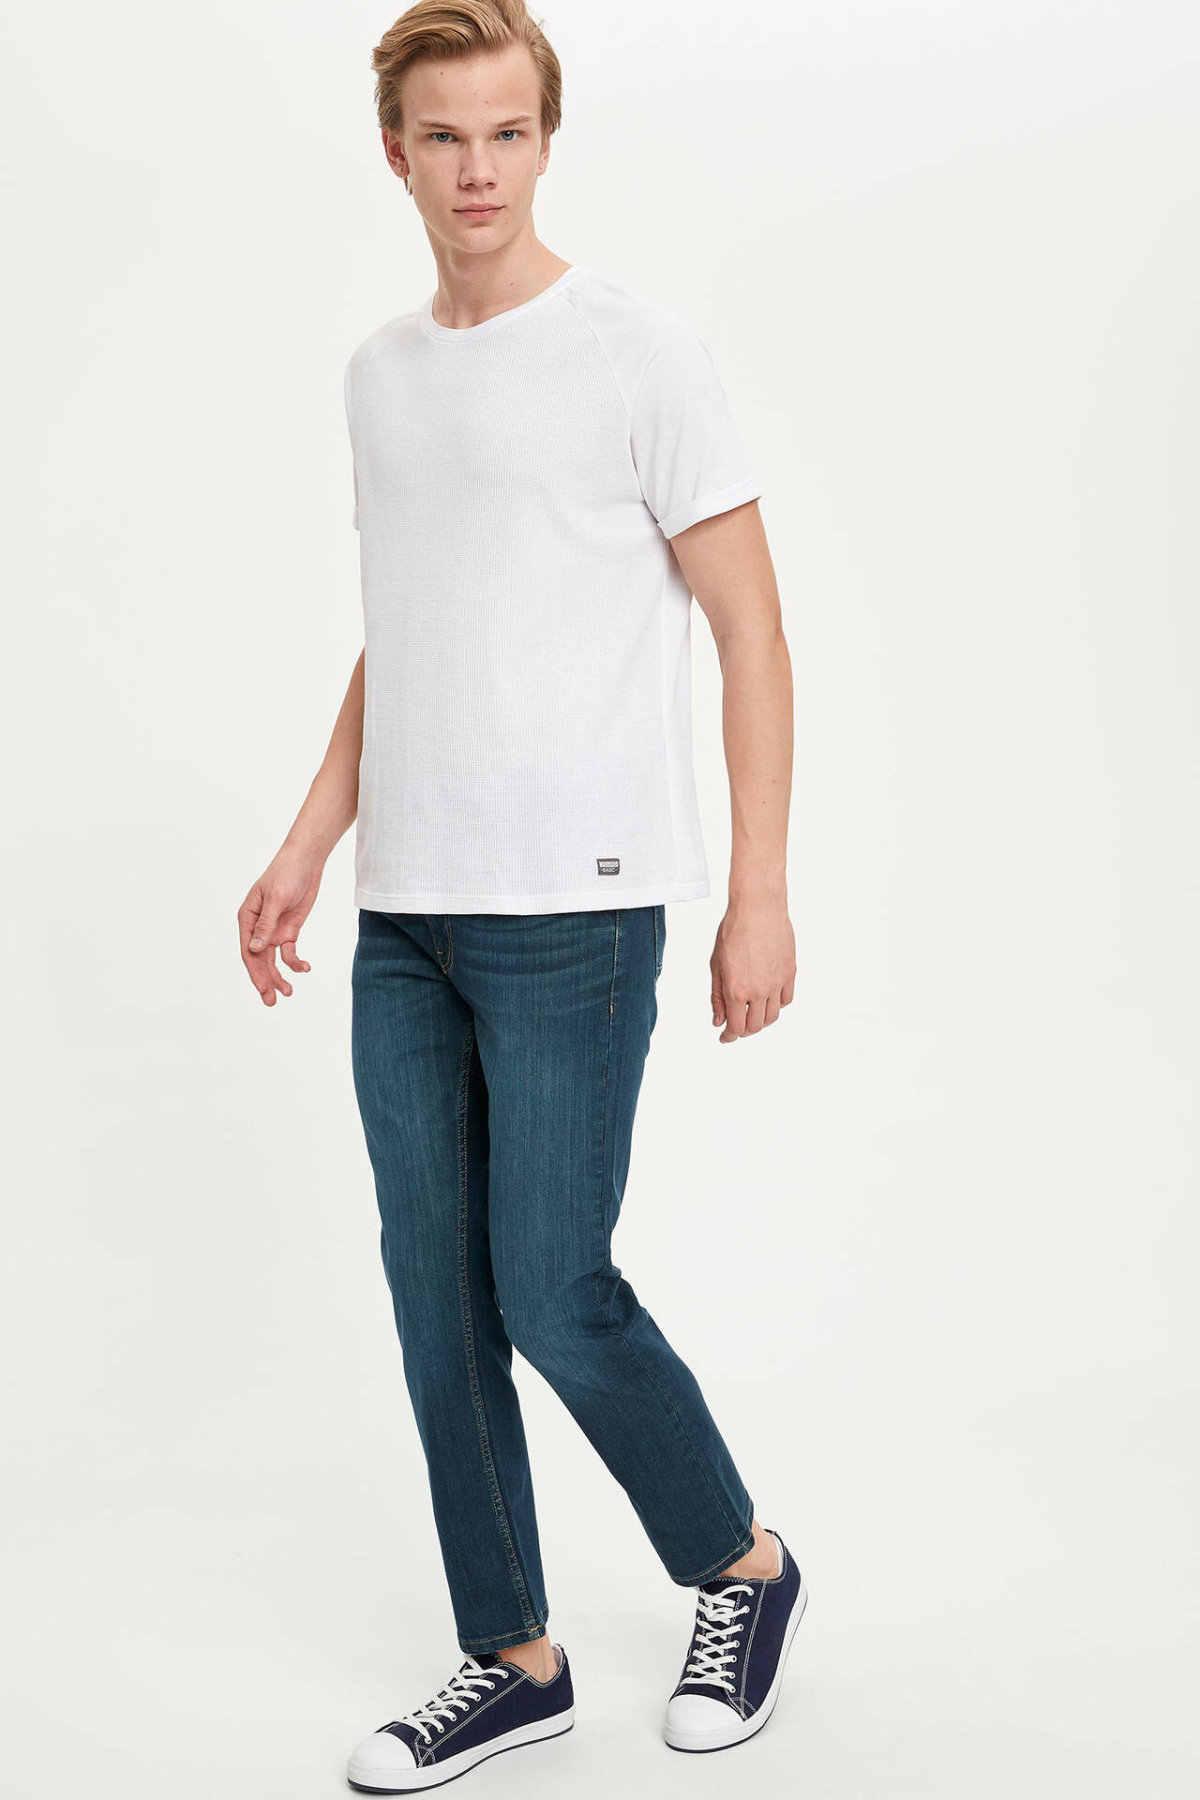 DeFacto Man niebieskie dżinsy męskie dorywczo proste spodnie jeansowe męskie w połowie talii dół Jeans-M7337AZ20SP